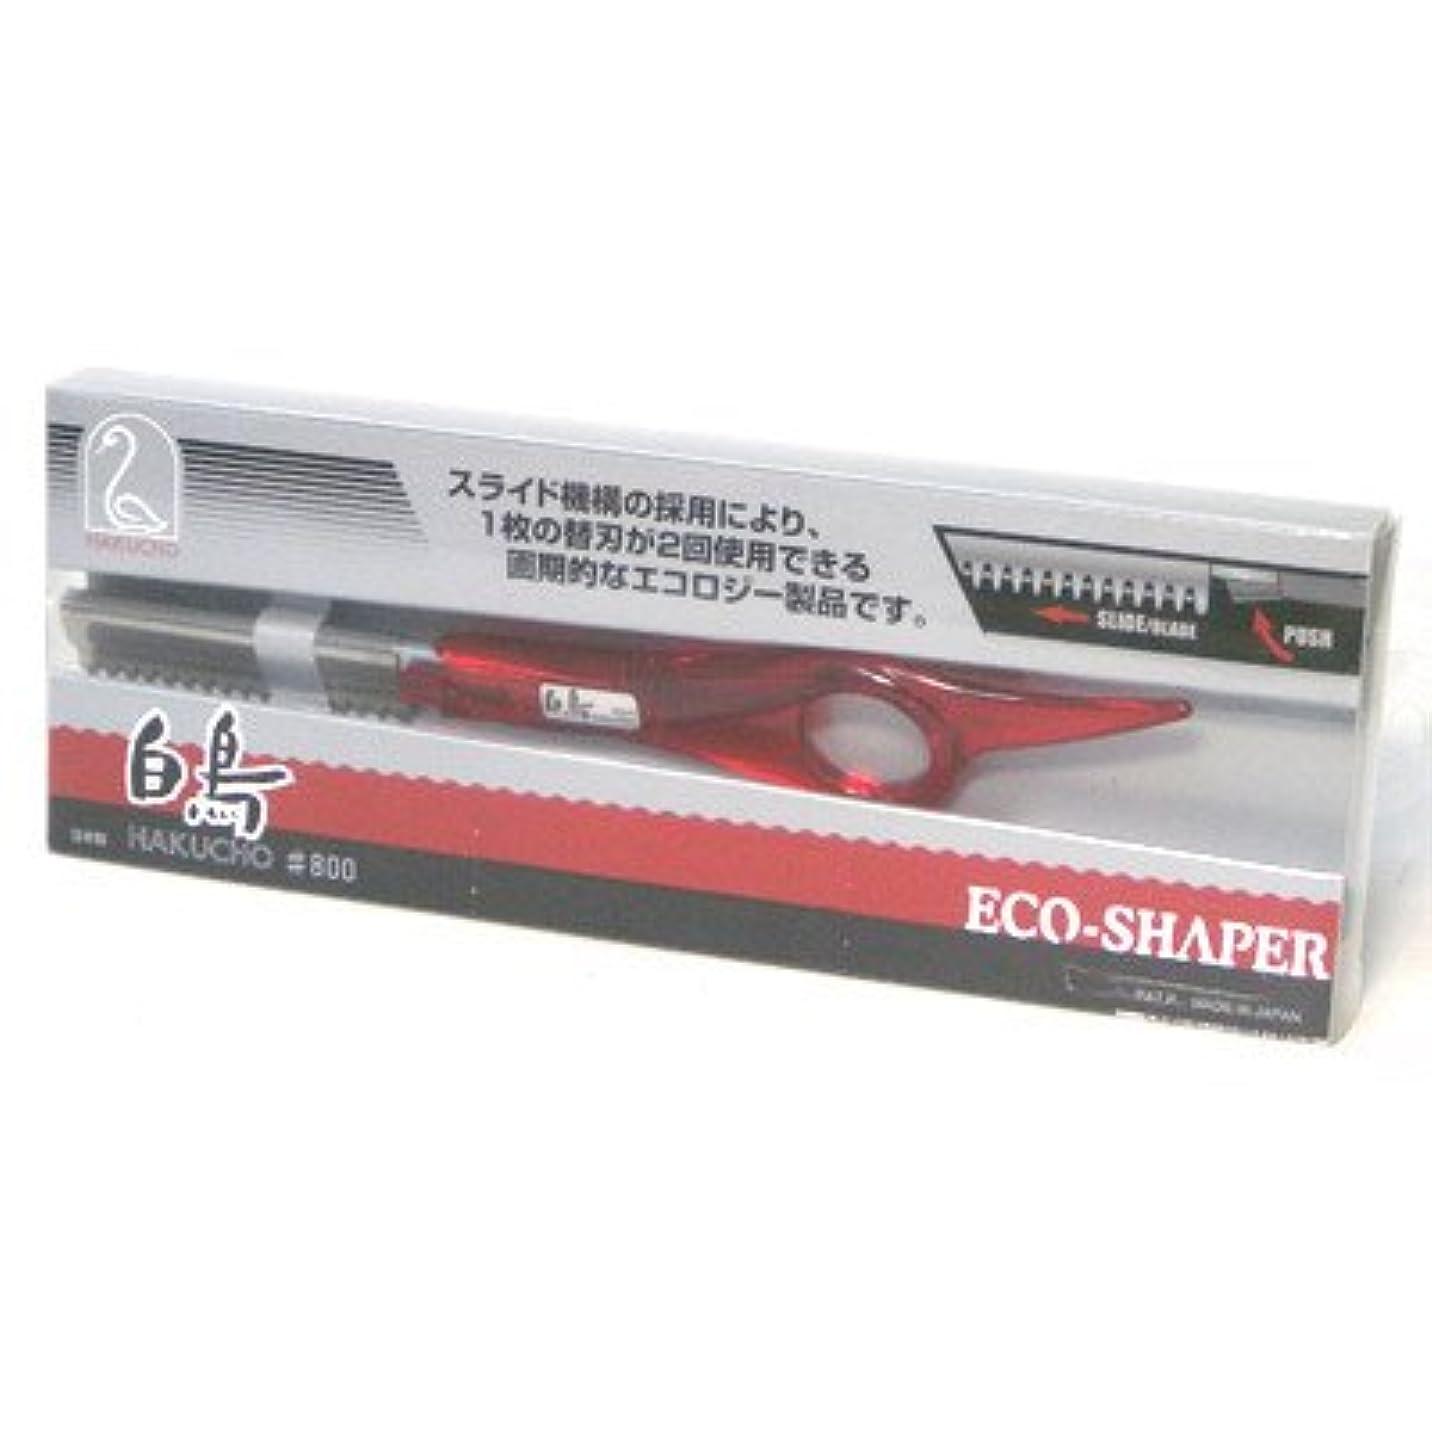 白鳥 カットレザー #800 ECO-SHAPER